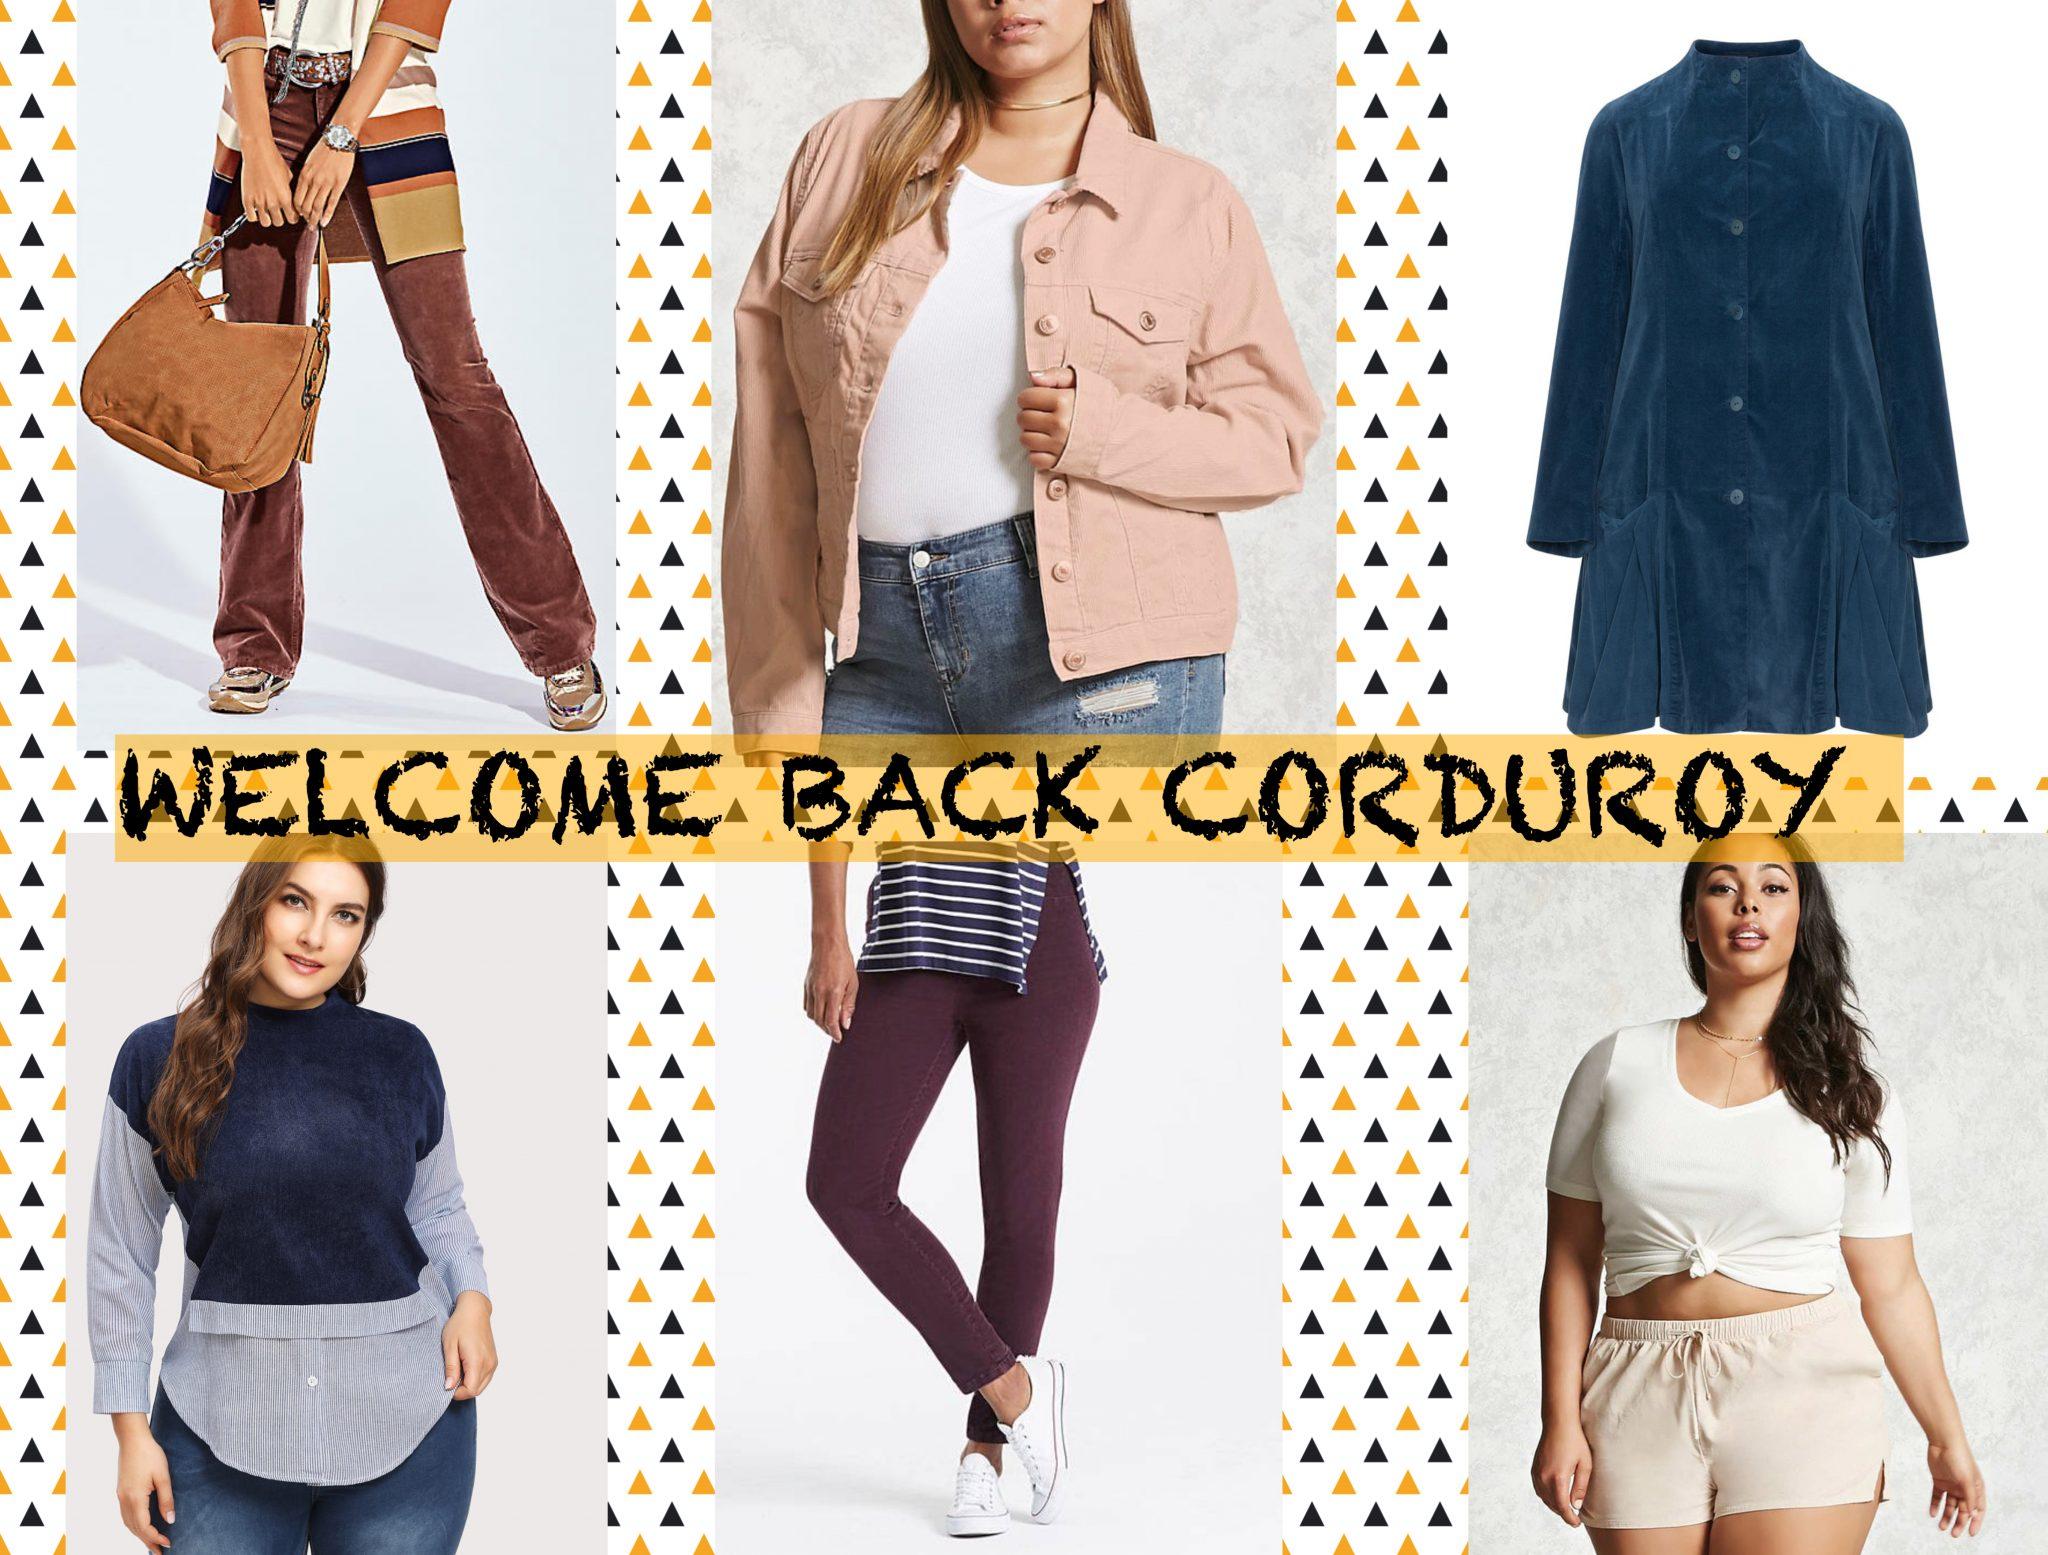 Welcome Back Corduroy